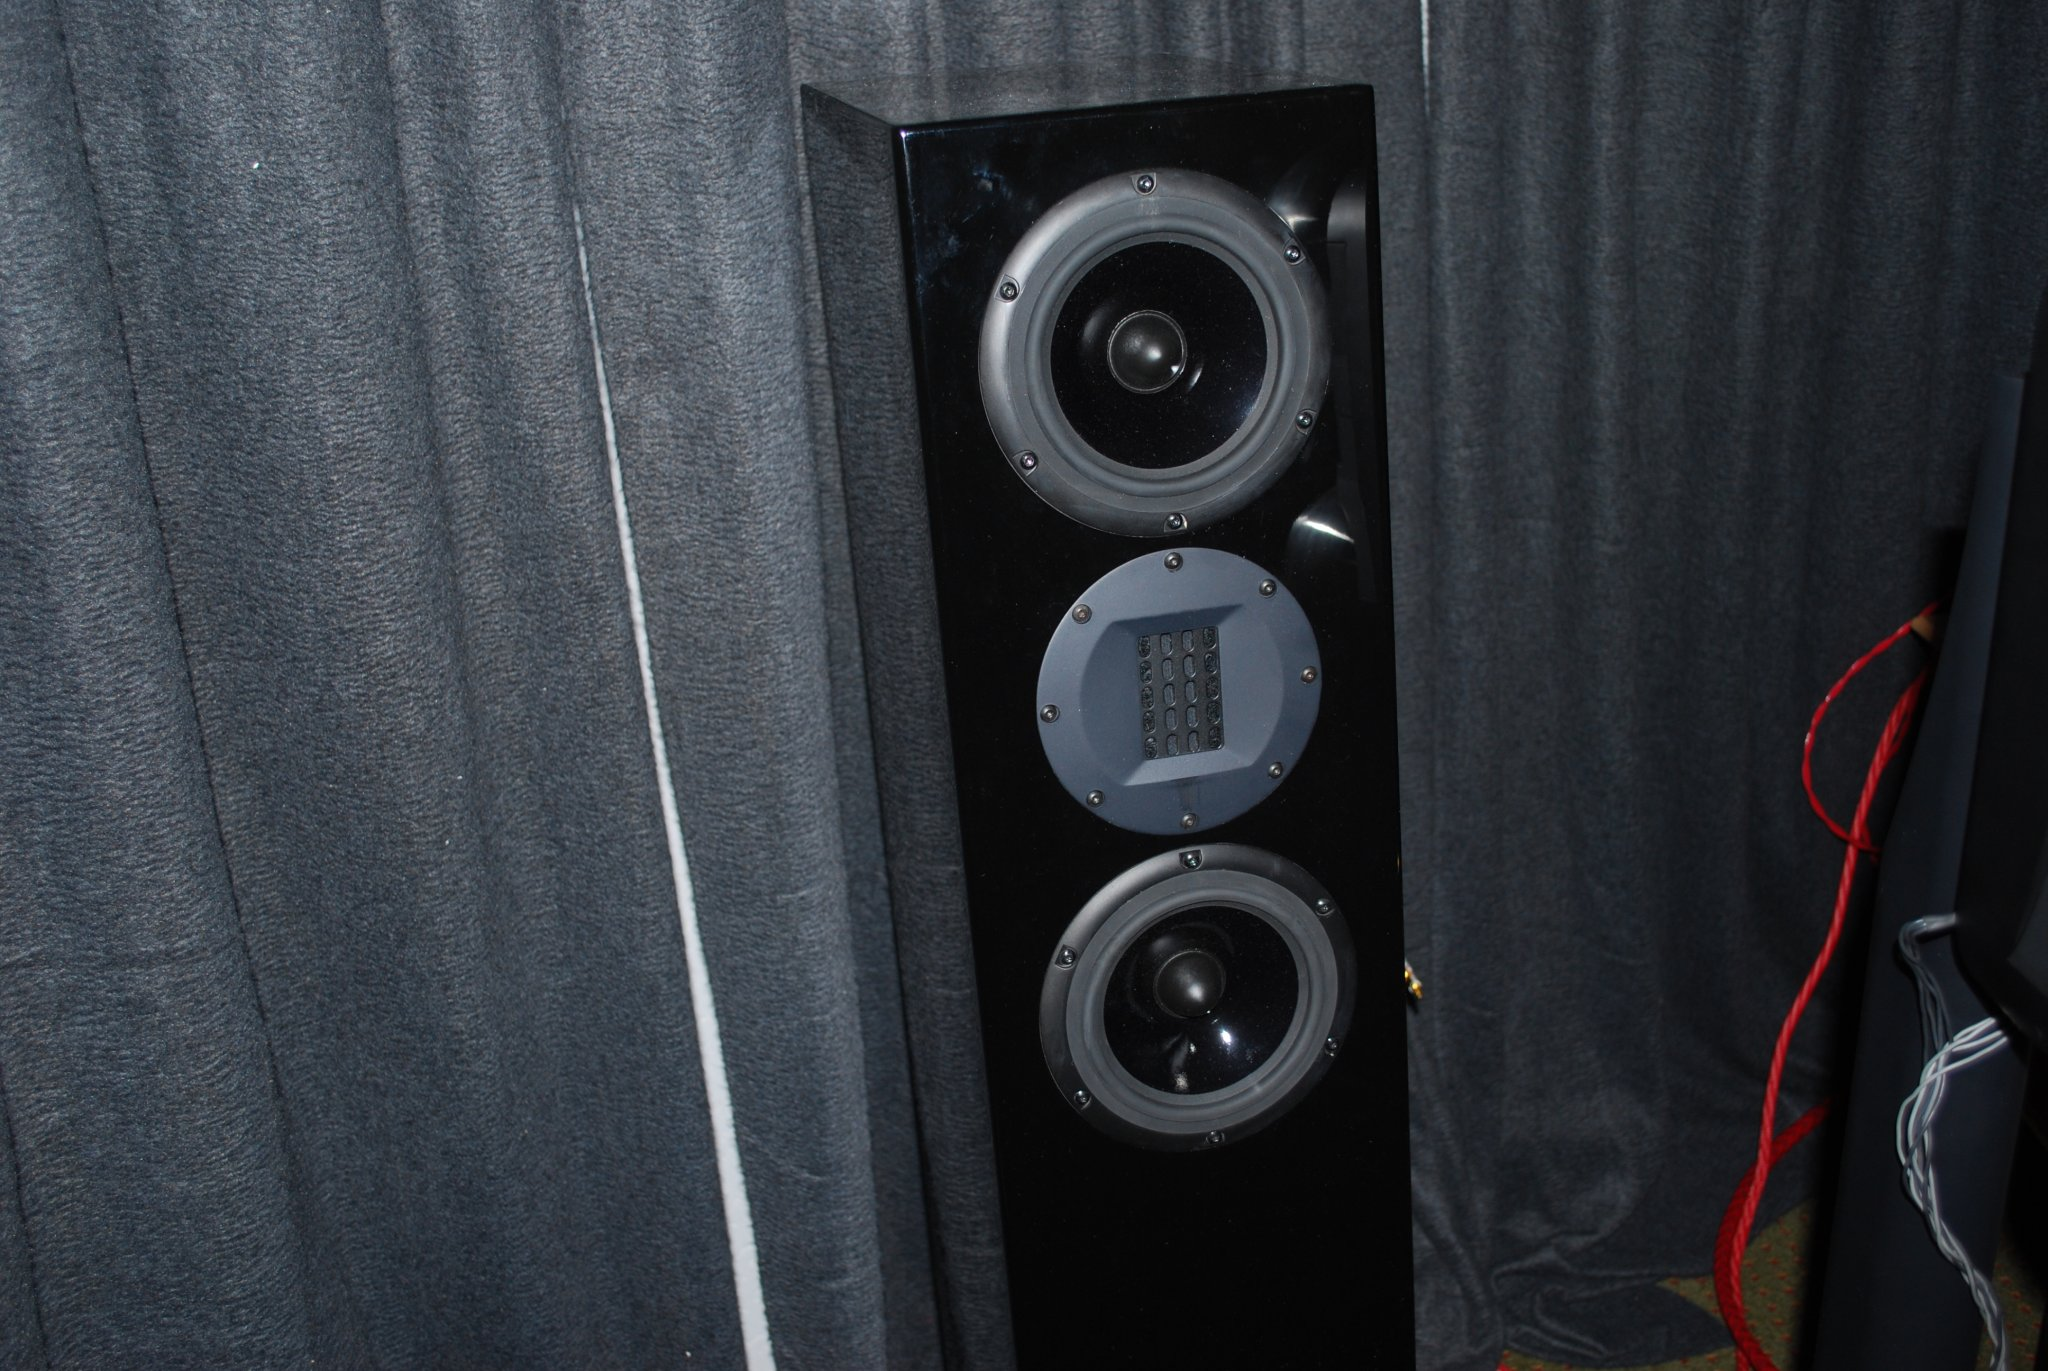 http://lonestaraudiofest.com/2010/Photos/Dsc_0027.jpg